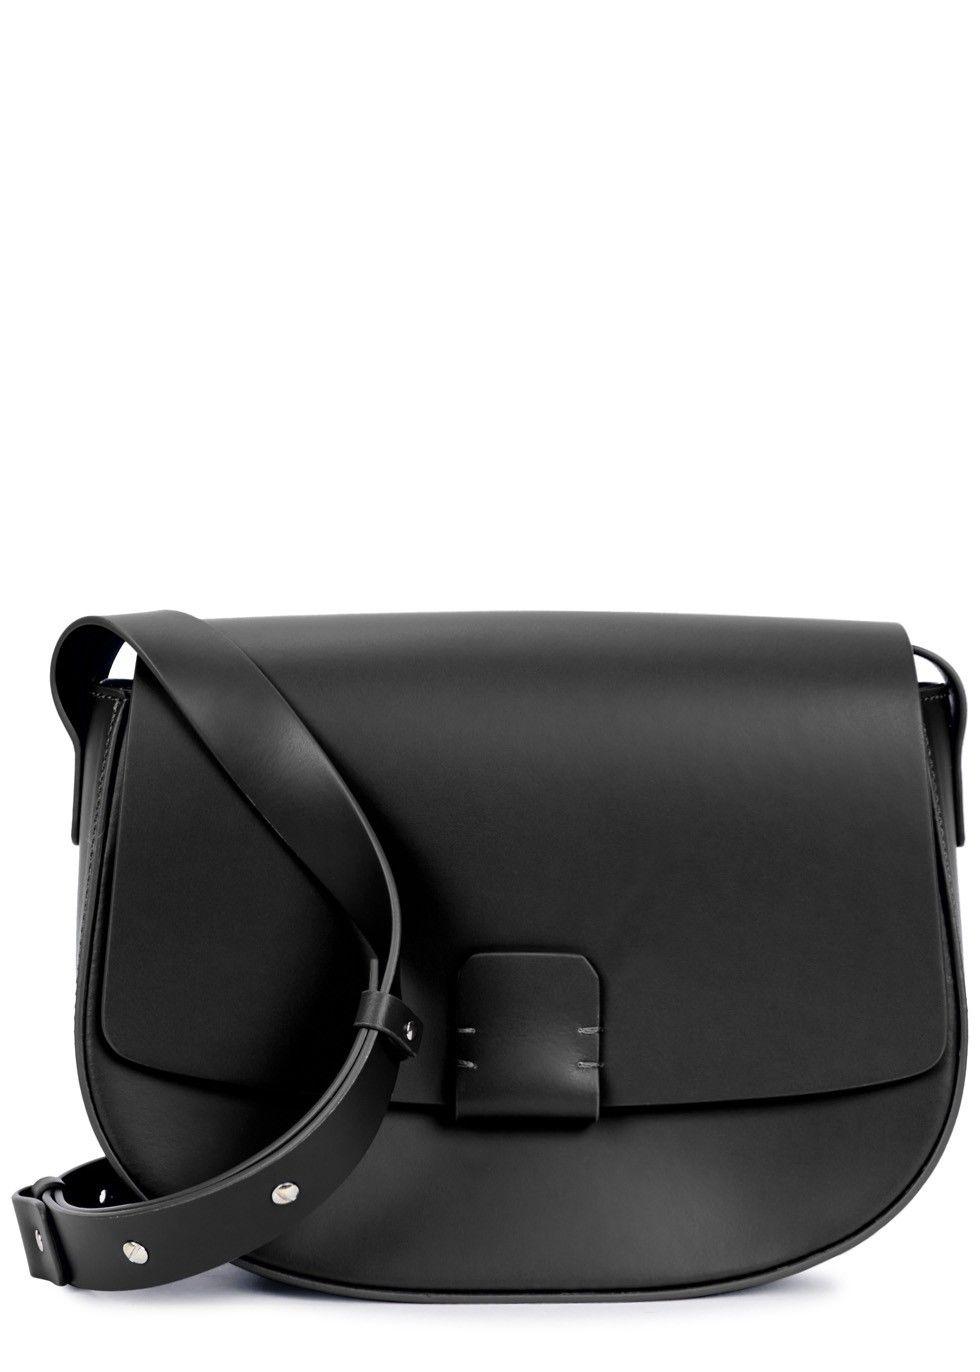 96cb74dfb54 Nico Giani black leather saddle bag Adjustable shoulder strap, internal  slip pocket, fully lined Concealed magnetic press stud-fastening tab at flap  front ...